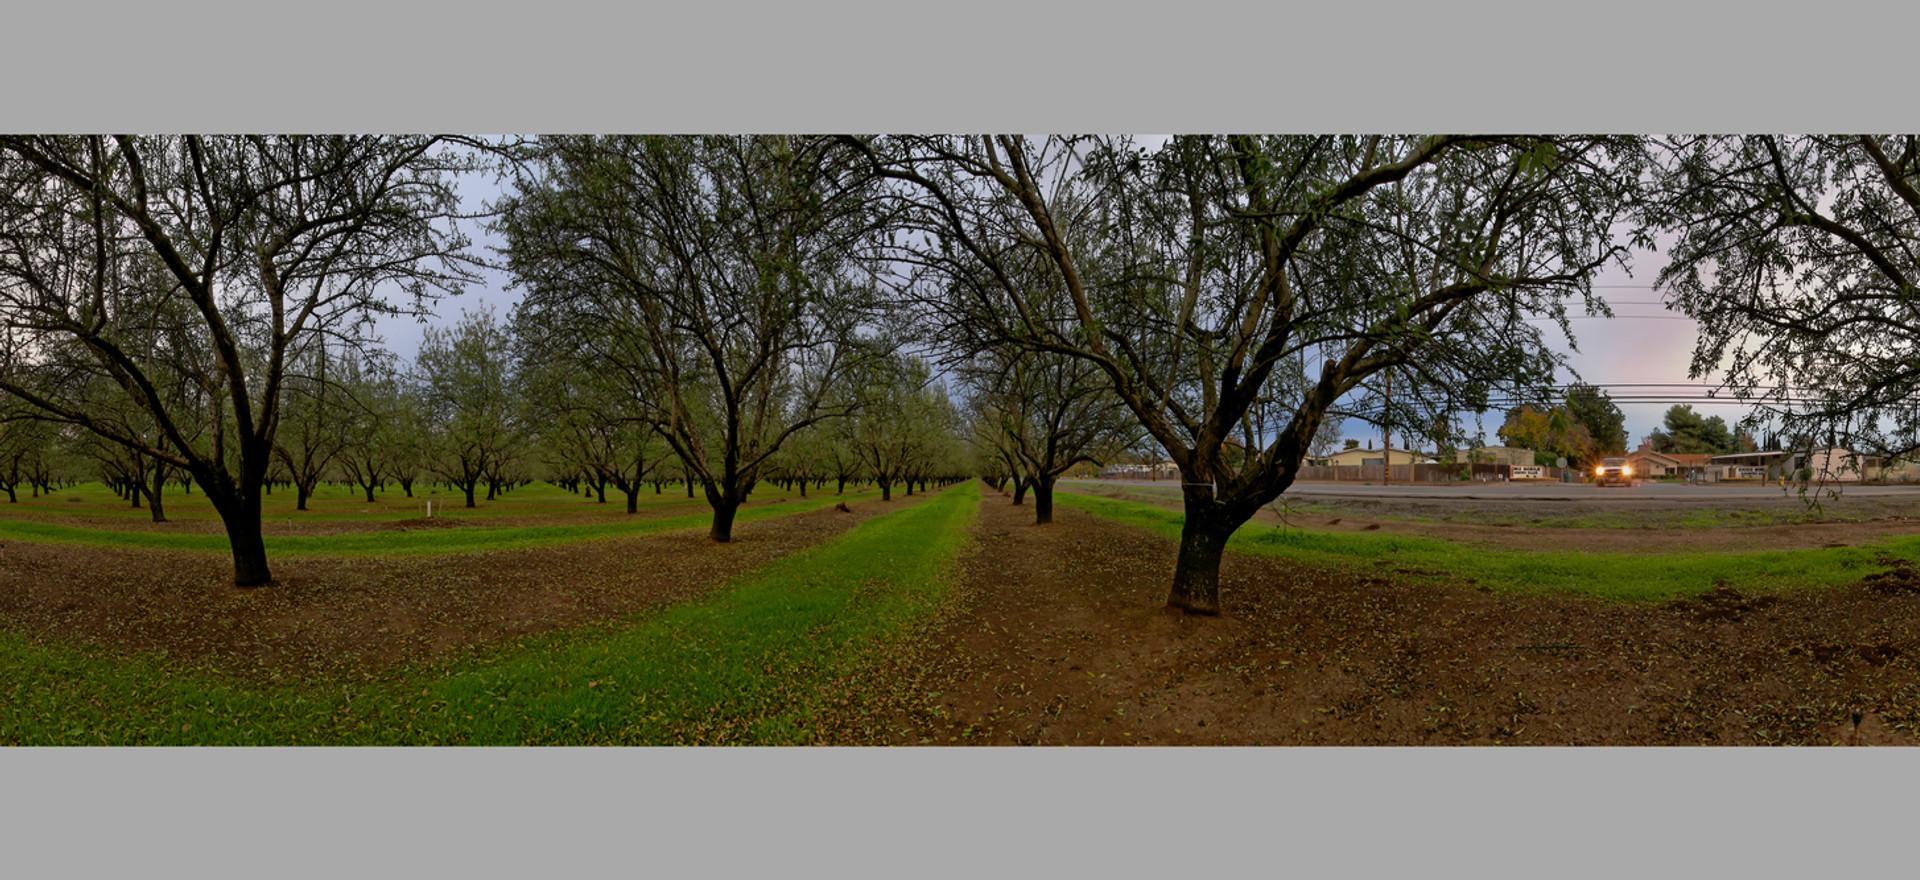 Almond Grove, Chico, Ca